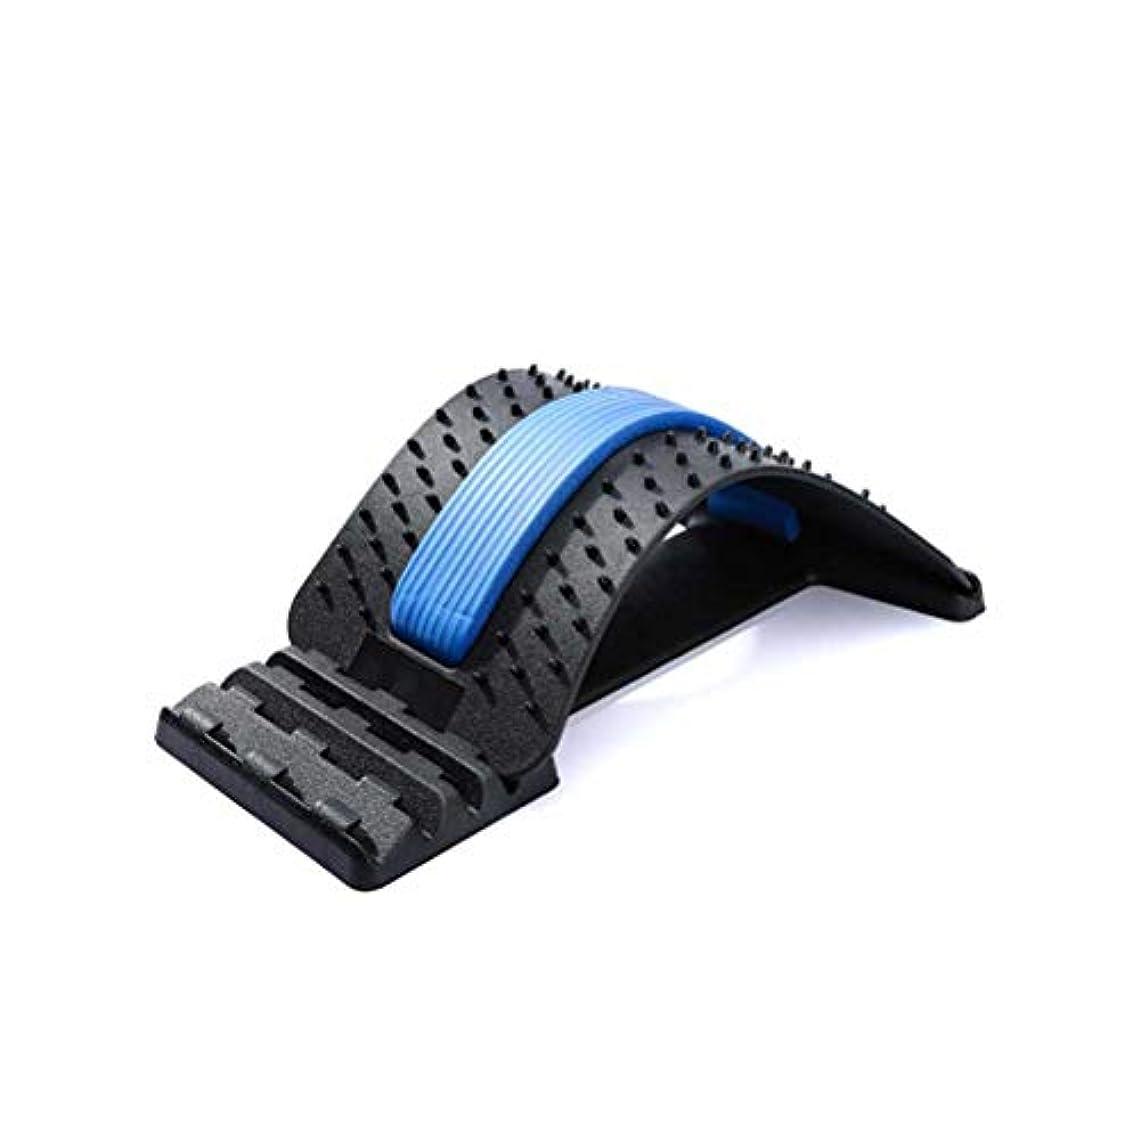 貪欲受粉者傾くSUPVOXバックストレッチングデバイスバックマッサージャーランバーサポートストレッチャー脊椎の背中の痛み筋肉痛の緩和用オフィスチェア(ブラックブルー)